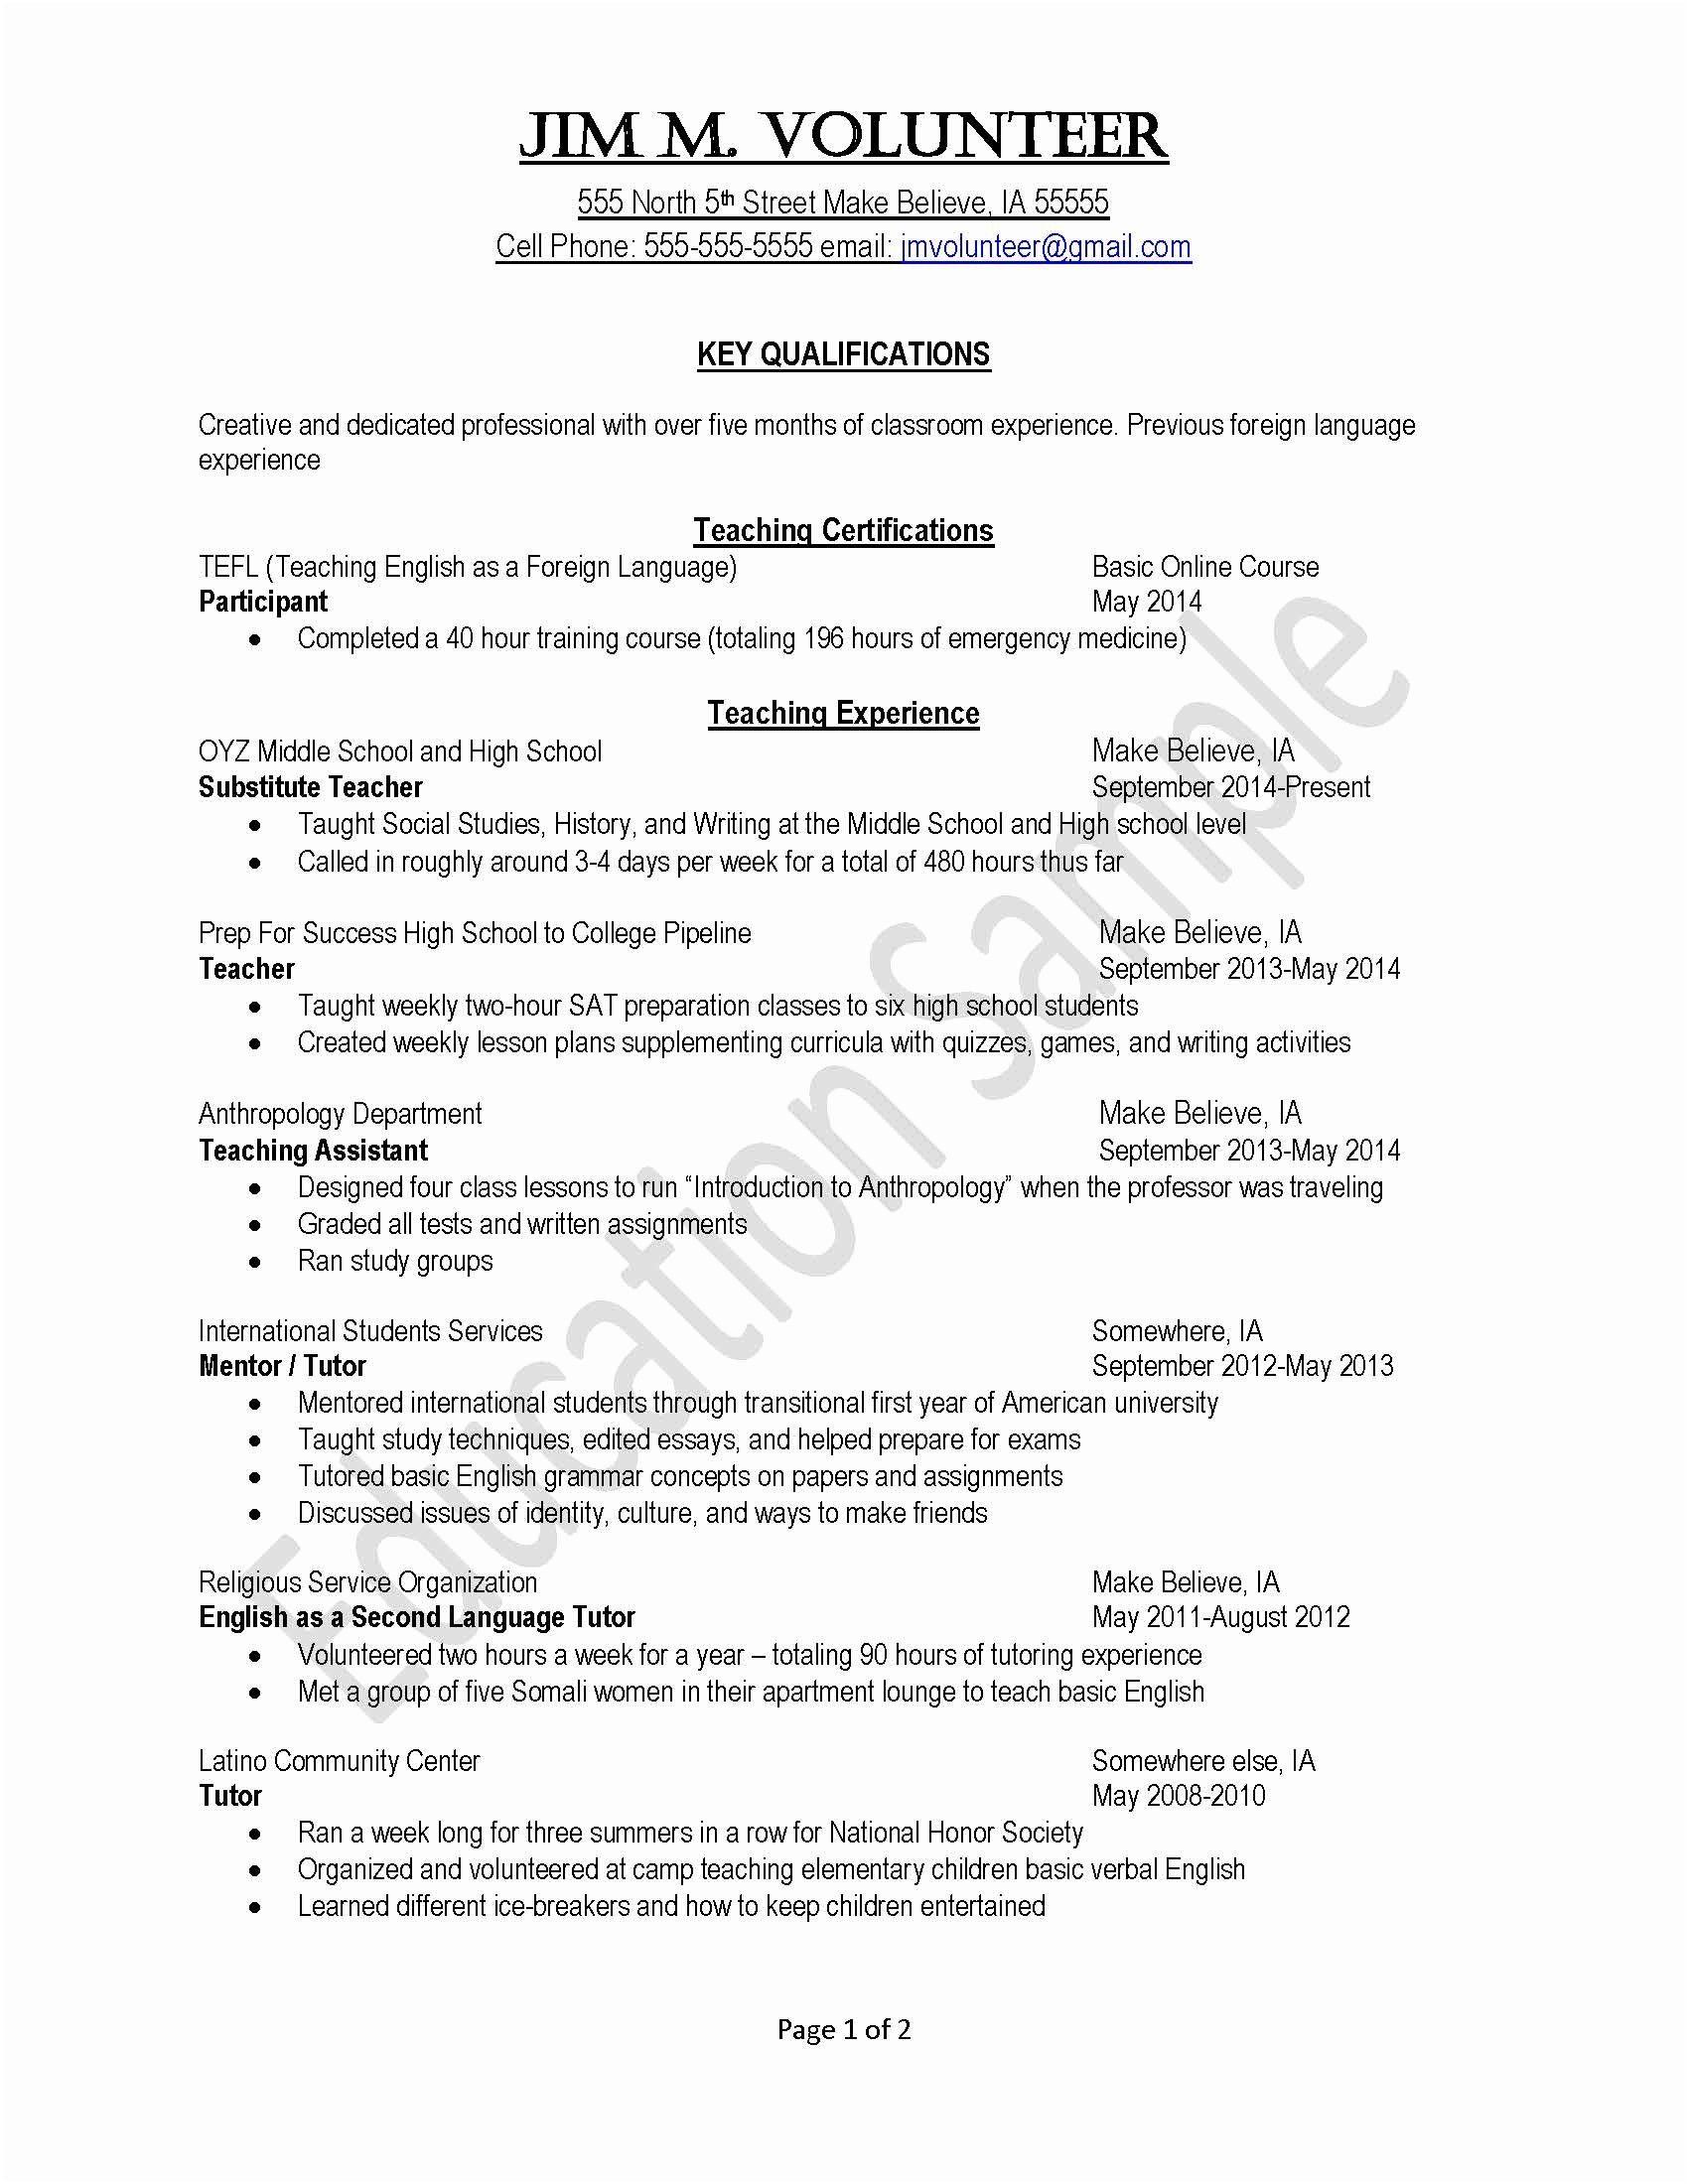 Resume Examples Uva Resume Templates Lebenslauf Beispiele Essay Beispiele Aufsatz